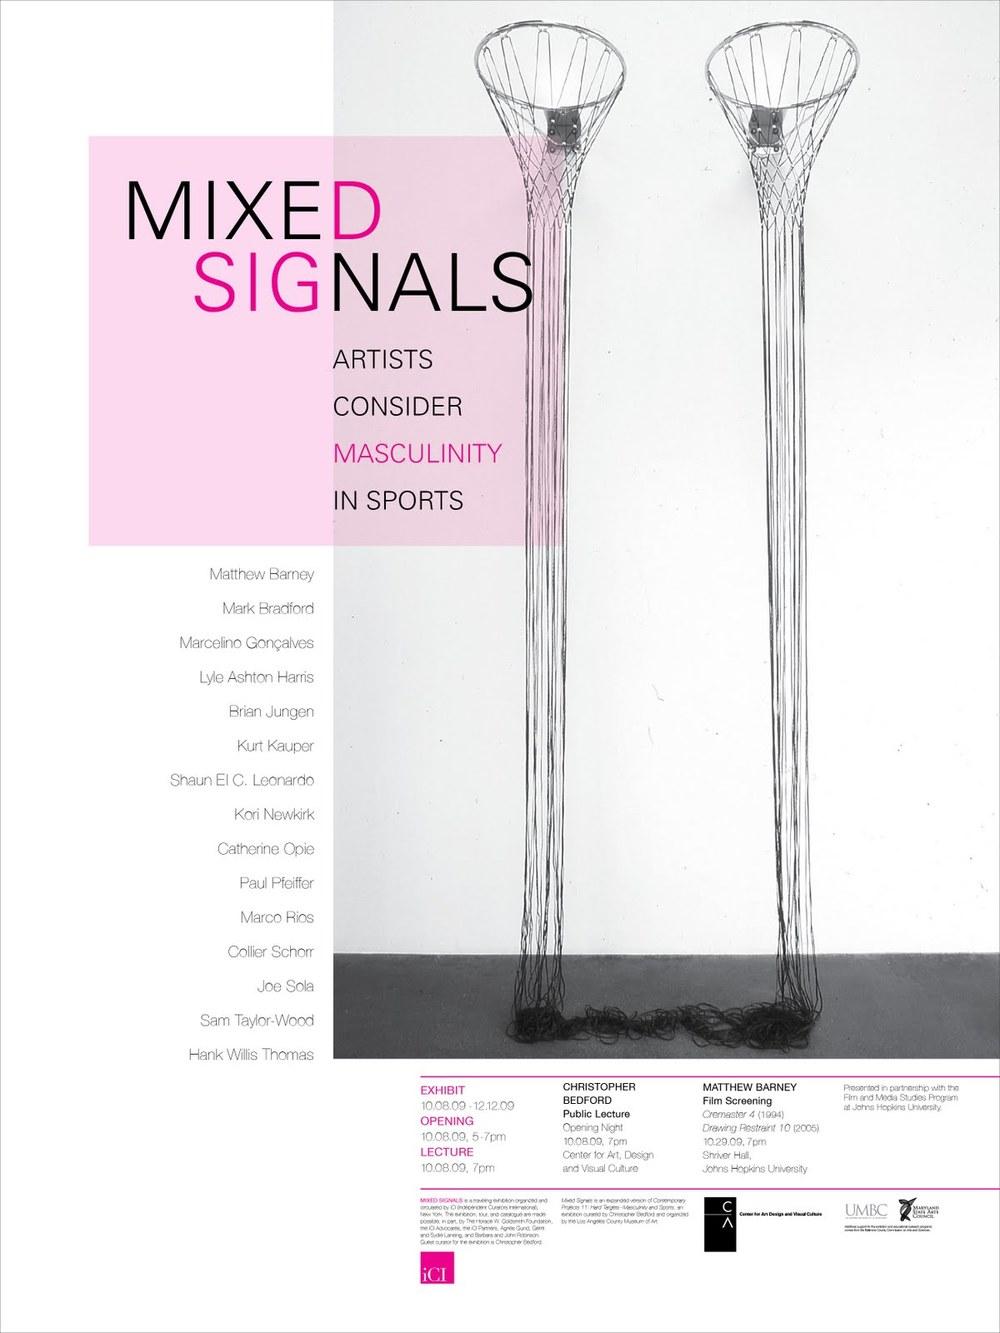 Mixed Signals Poster